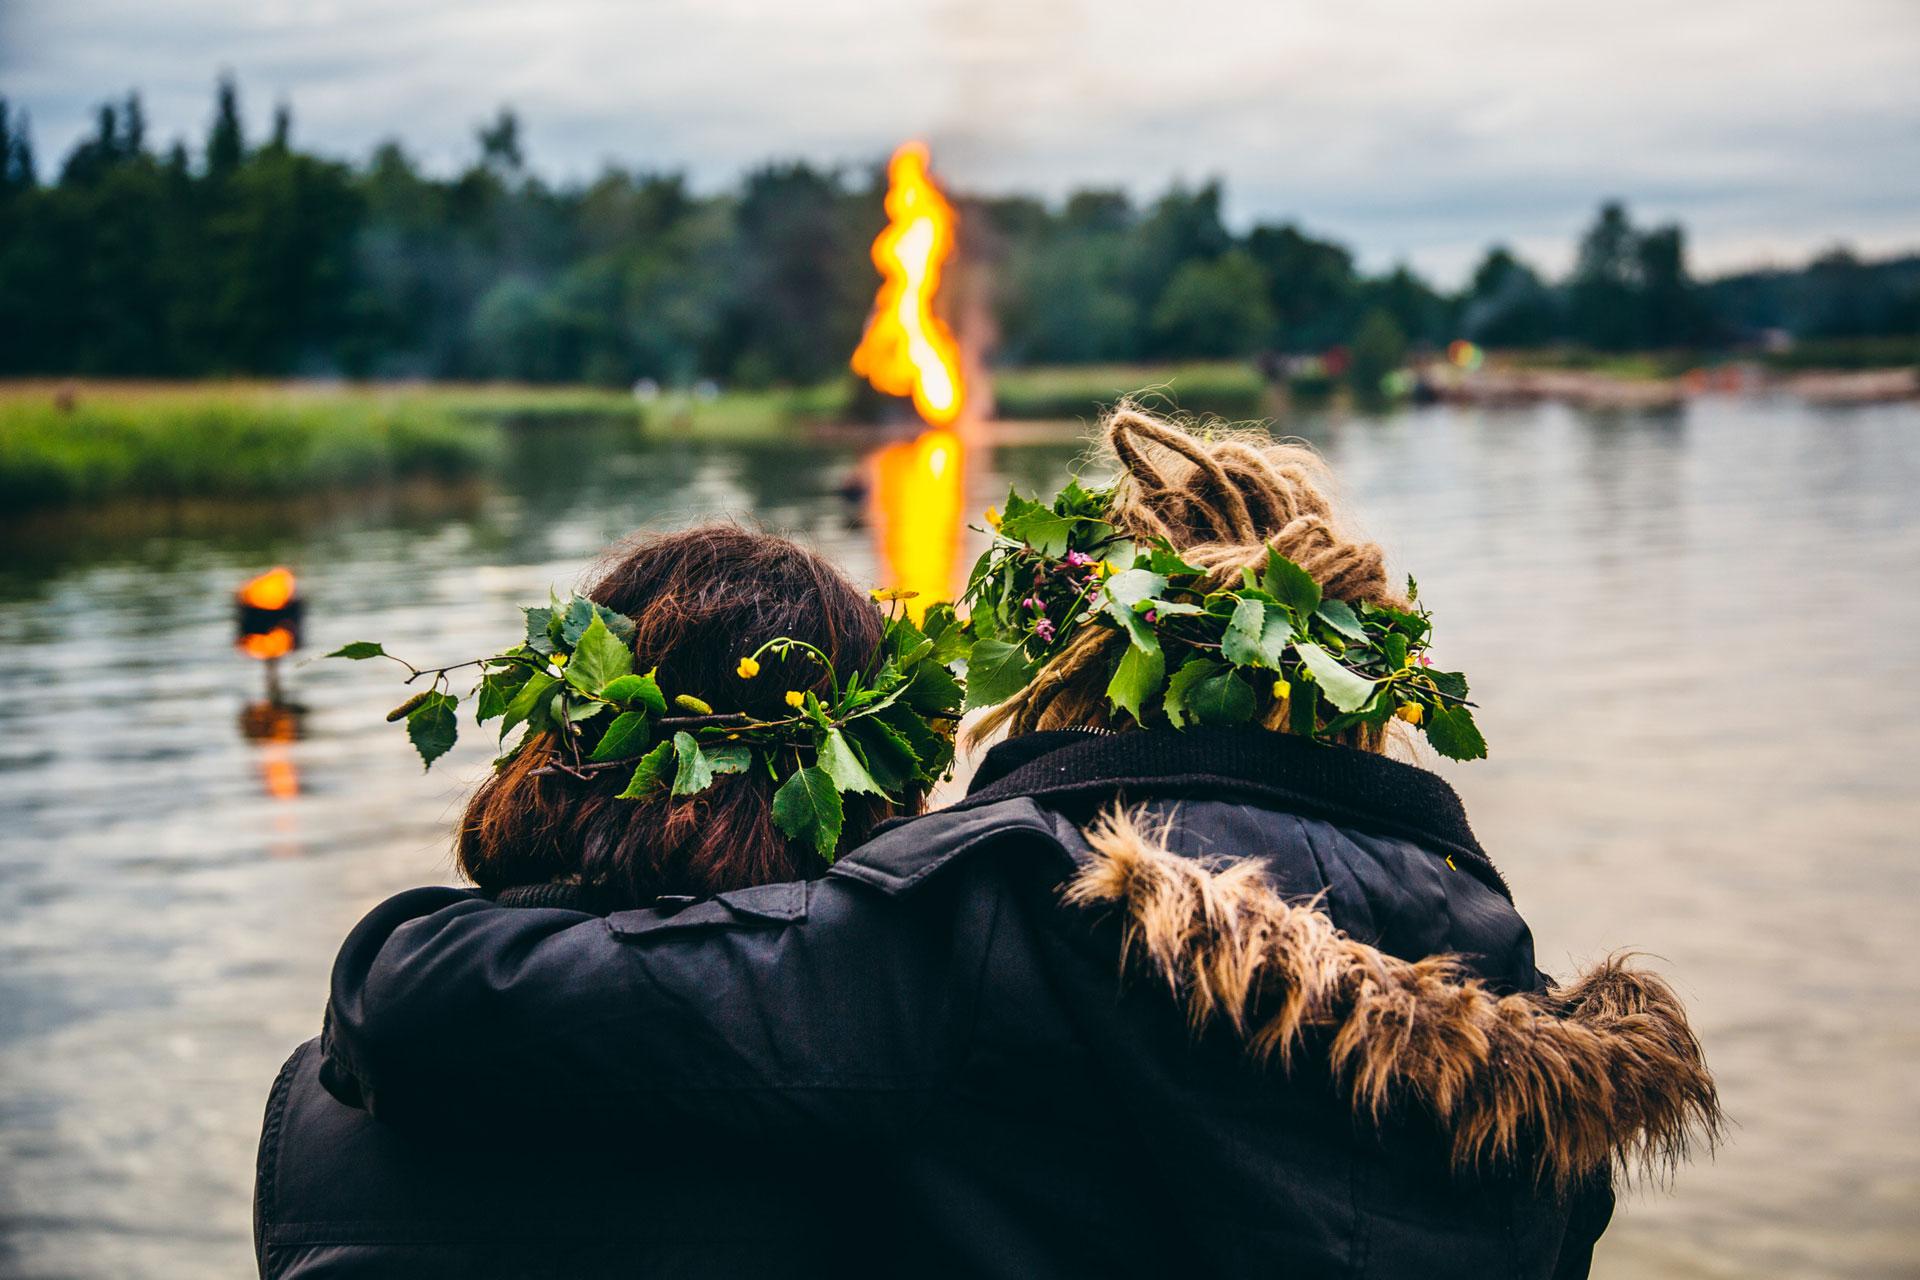 Link to event Seurasaari Midsummer Bonfires 2021